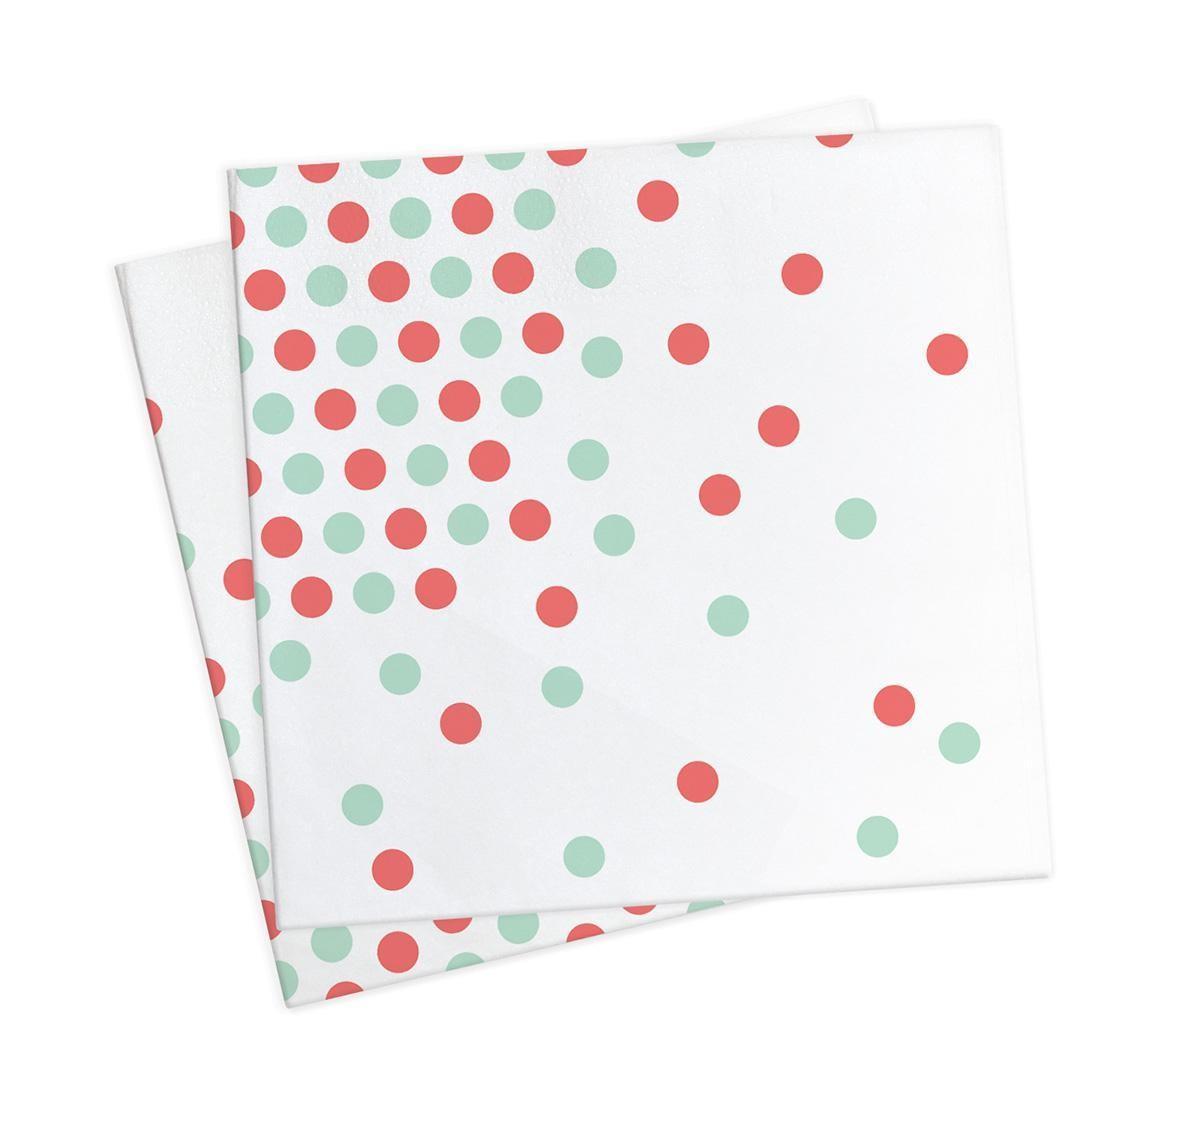 20 serviettes confettis 33x33cm